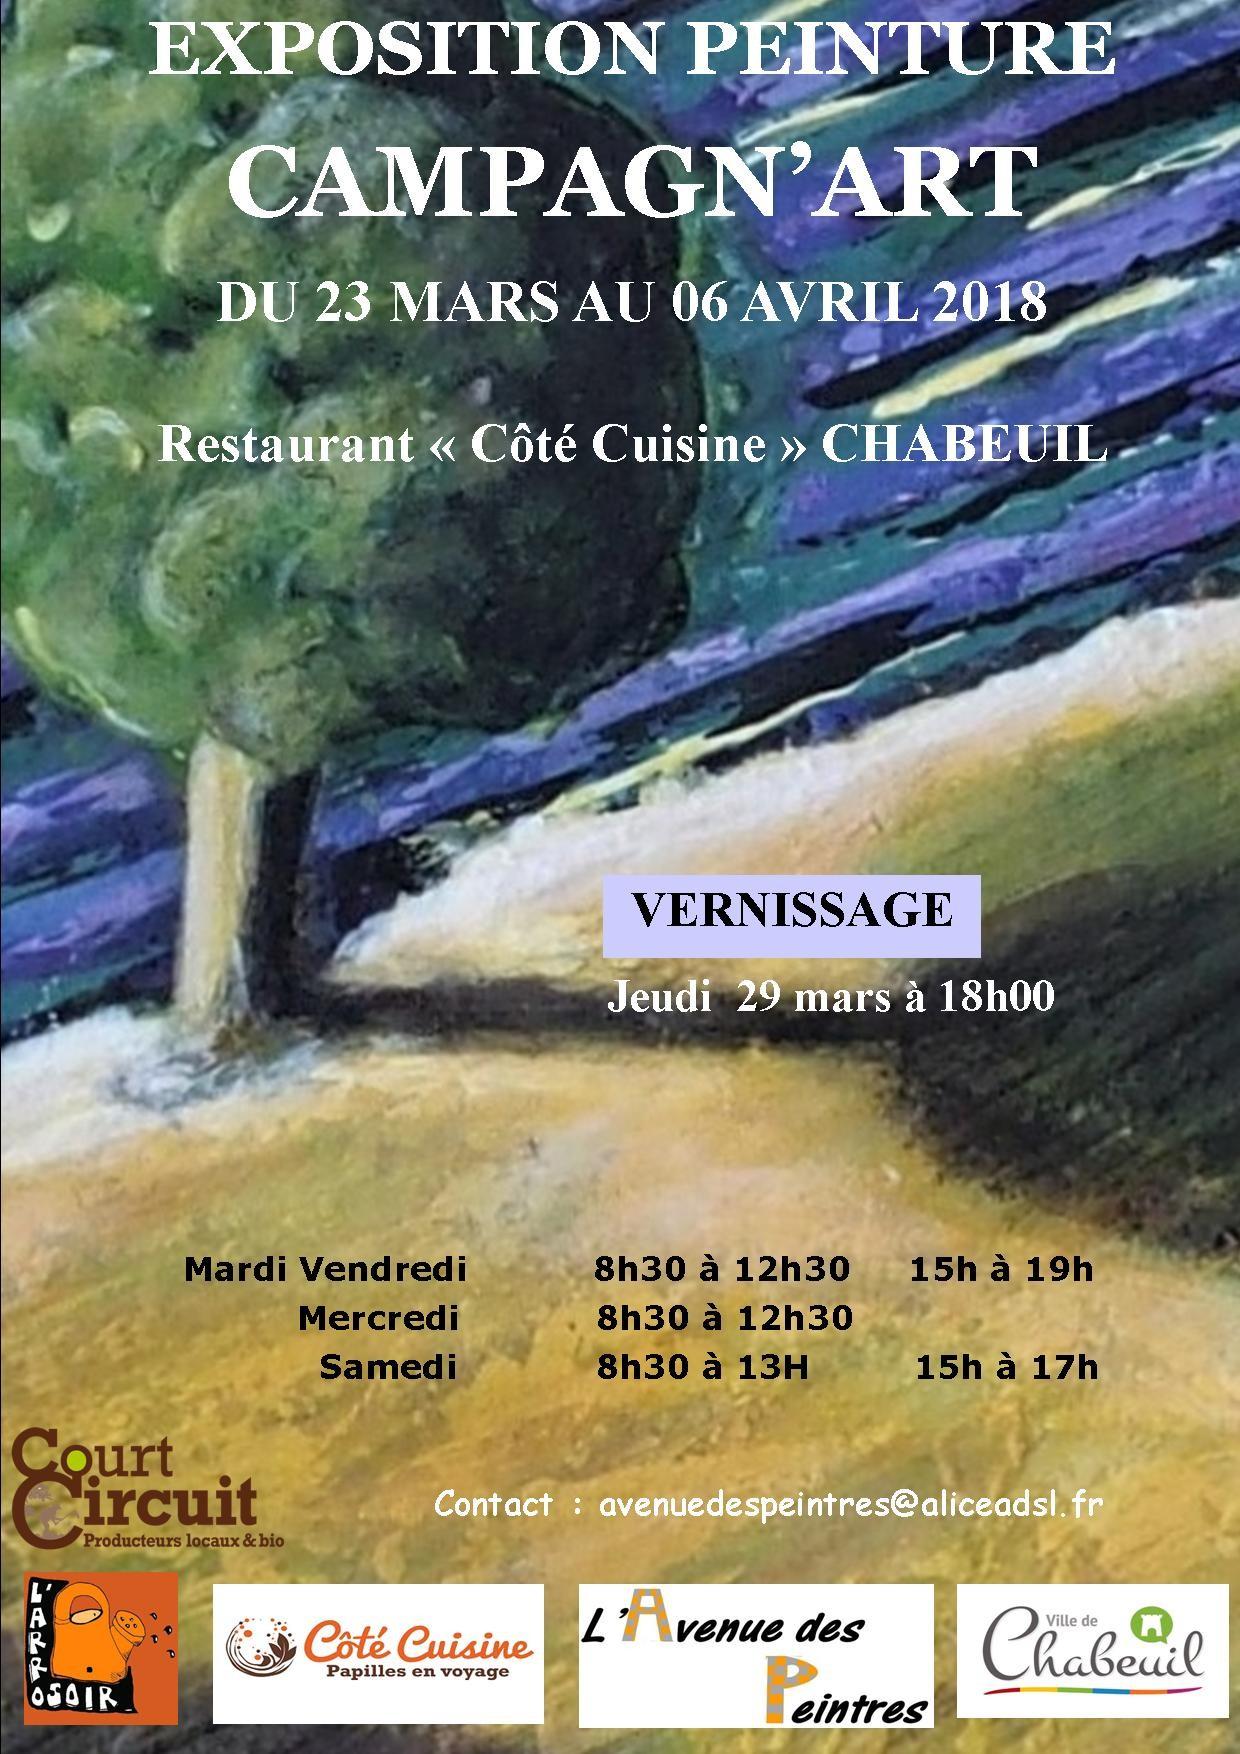 EXPOSITION DE PEINTURES DU 23 MARS AU 06 AVRIL